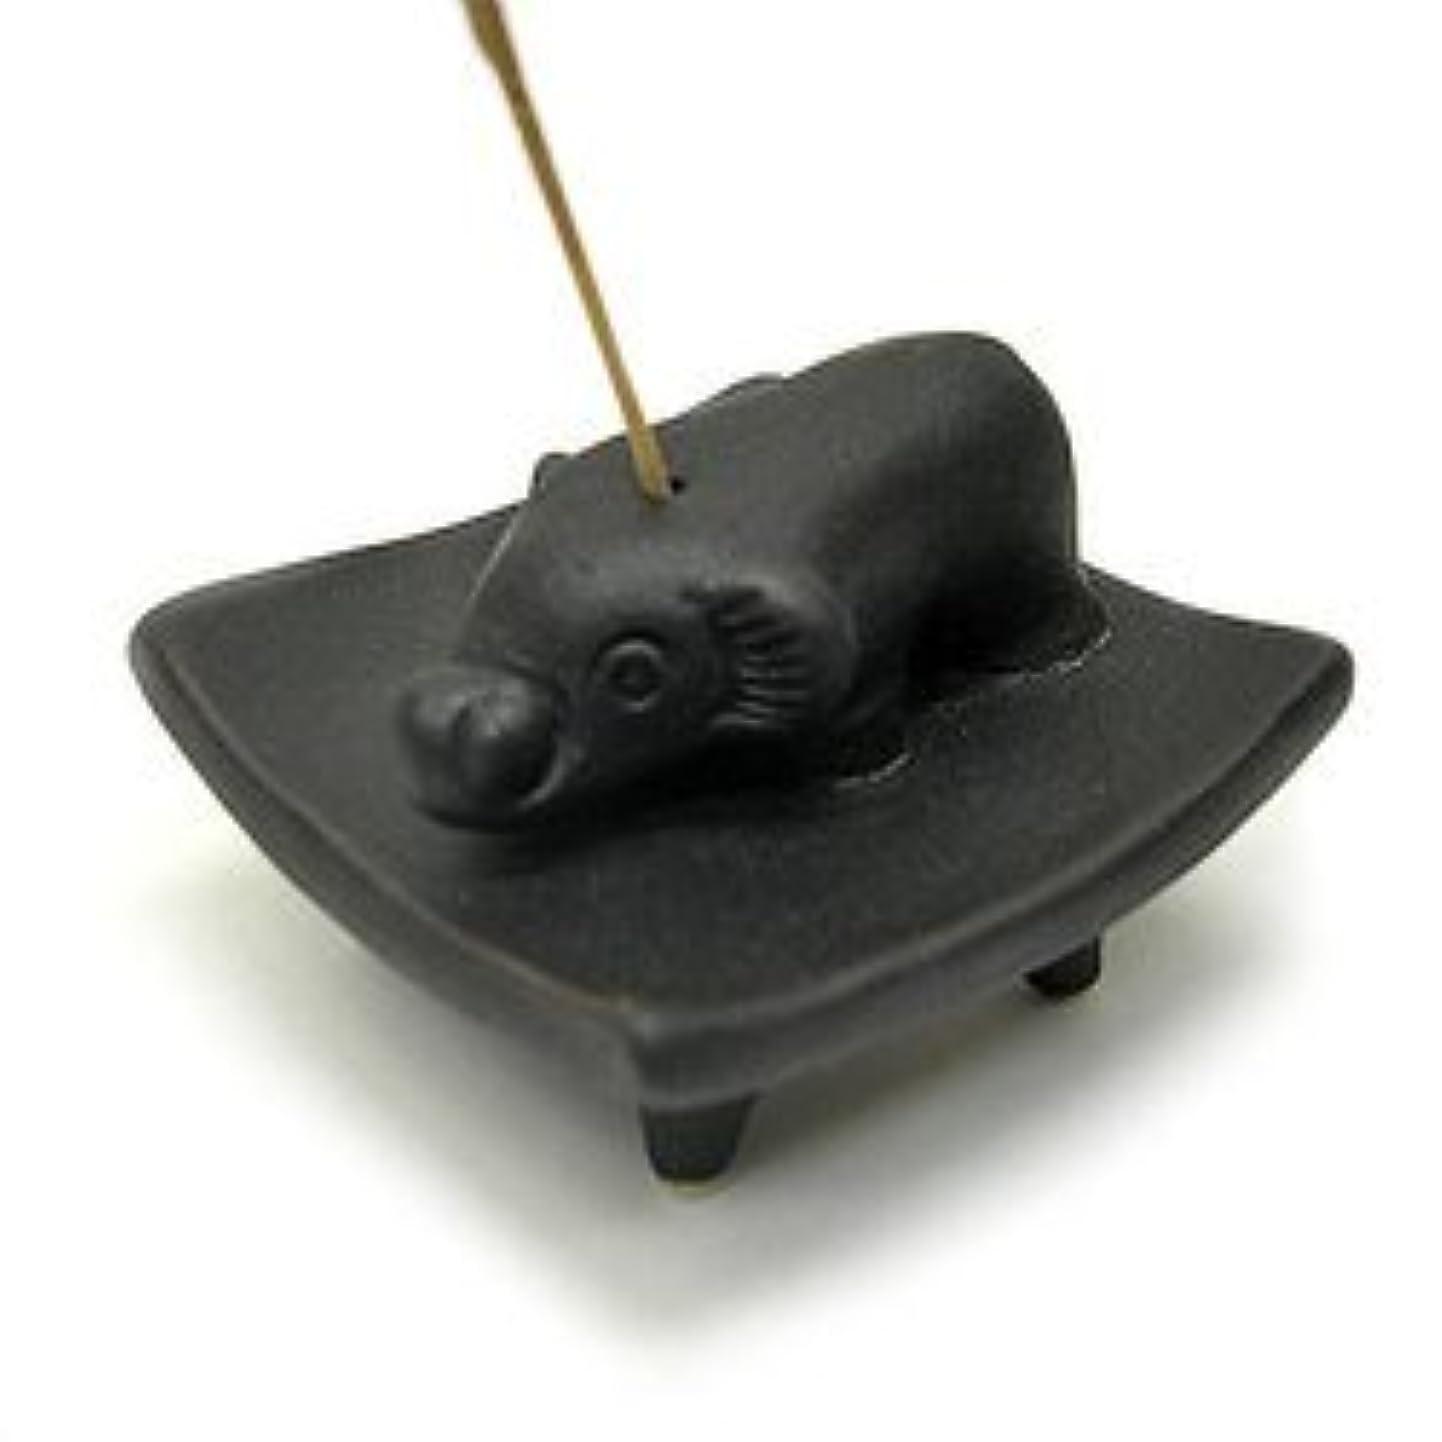 ベイビースプリット登録するお皿に乗った象さん お香立て<黒> インセンスホルダー/スティックタイプ用お香立て?お香たて アジアン雑貨